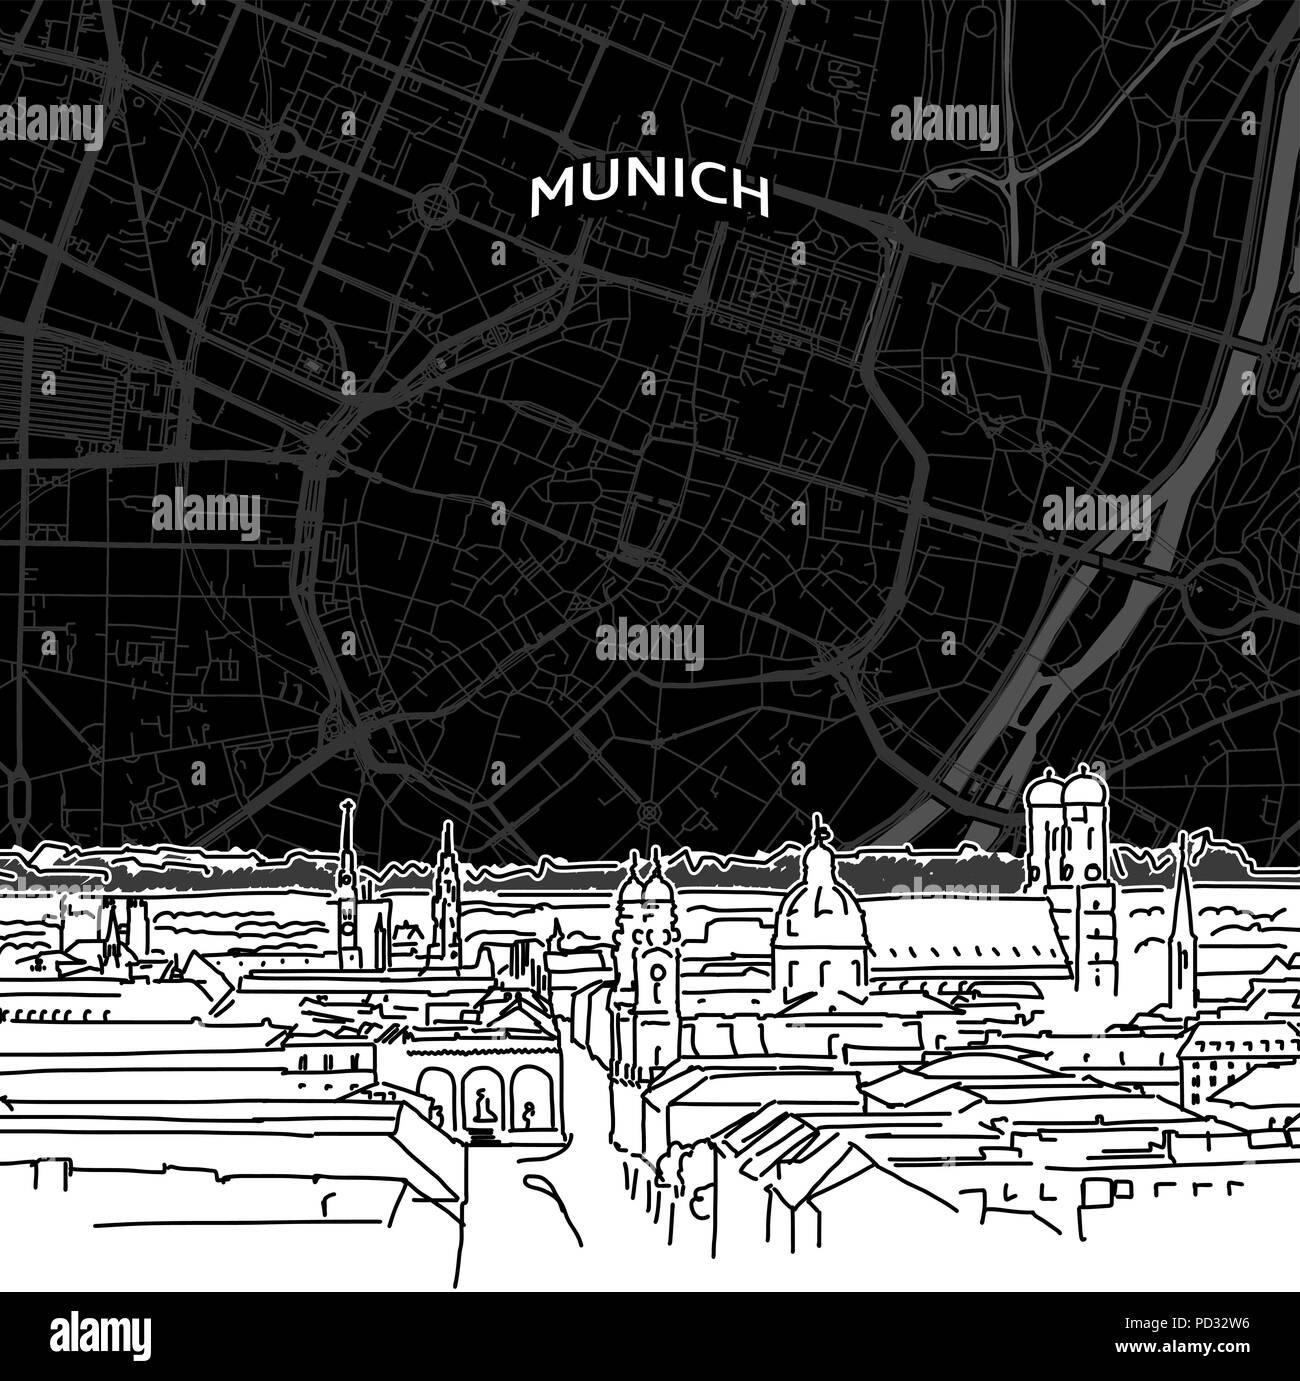 86c637ffabe9d9 Hand gezeichnete Skizze von München Essen. Vektor Zeichnung der Skyline mit  Karte